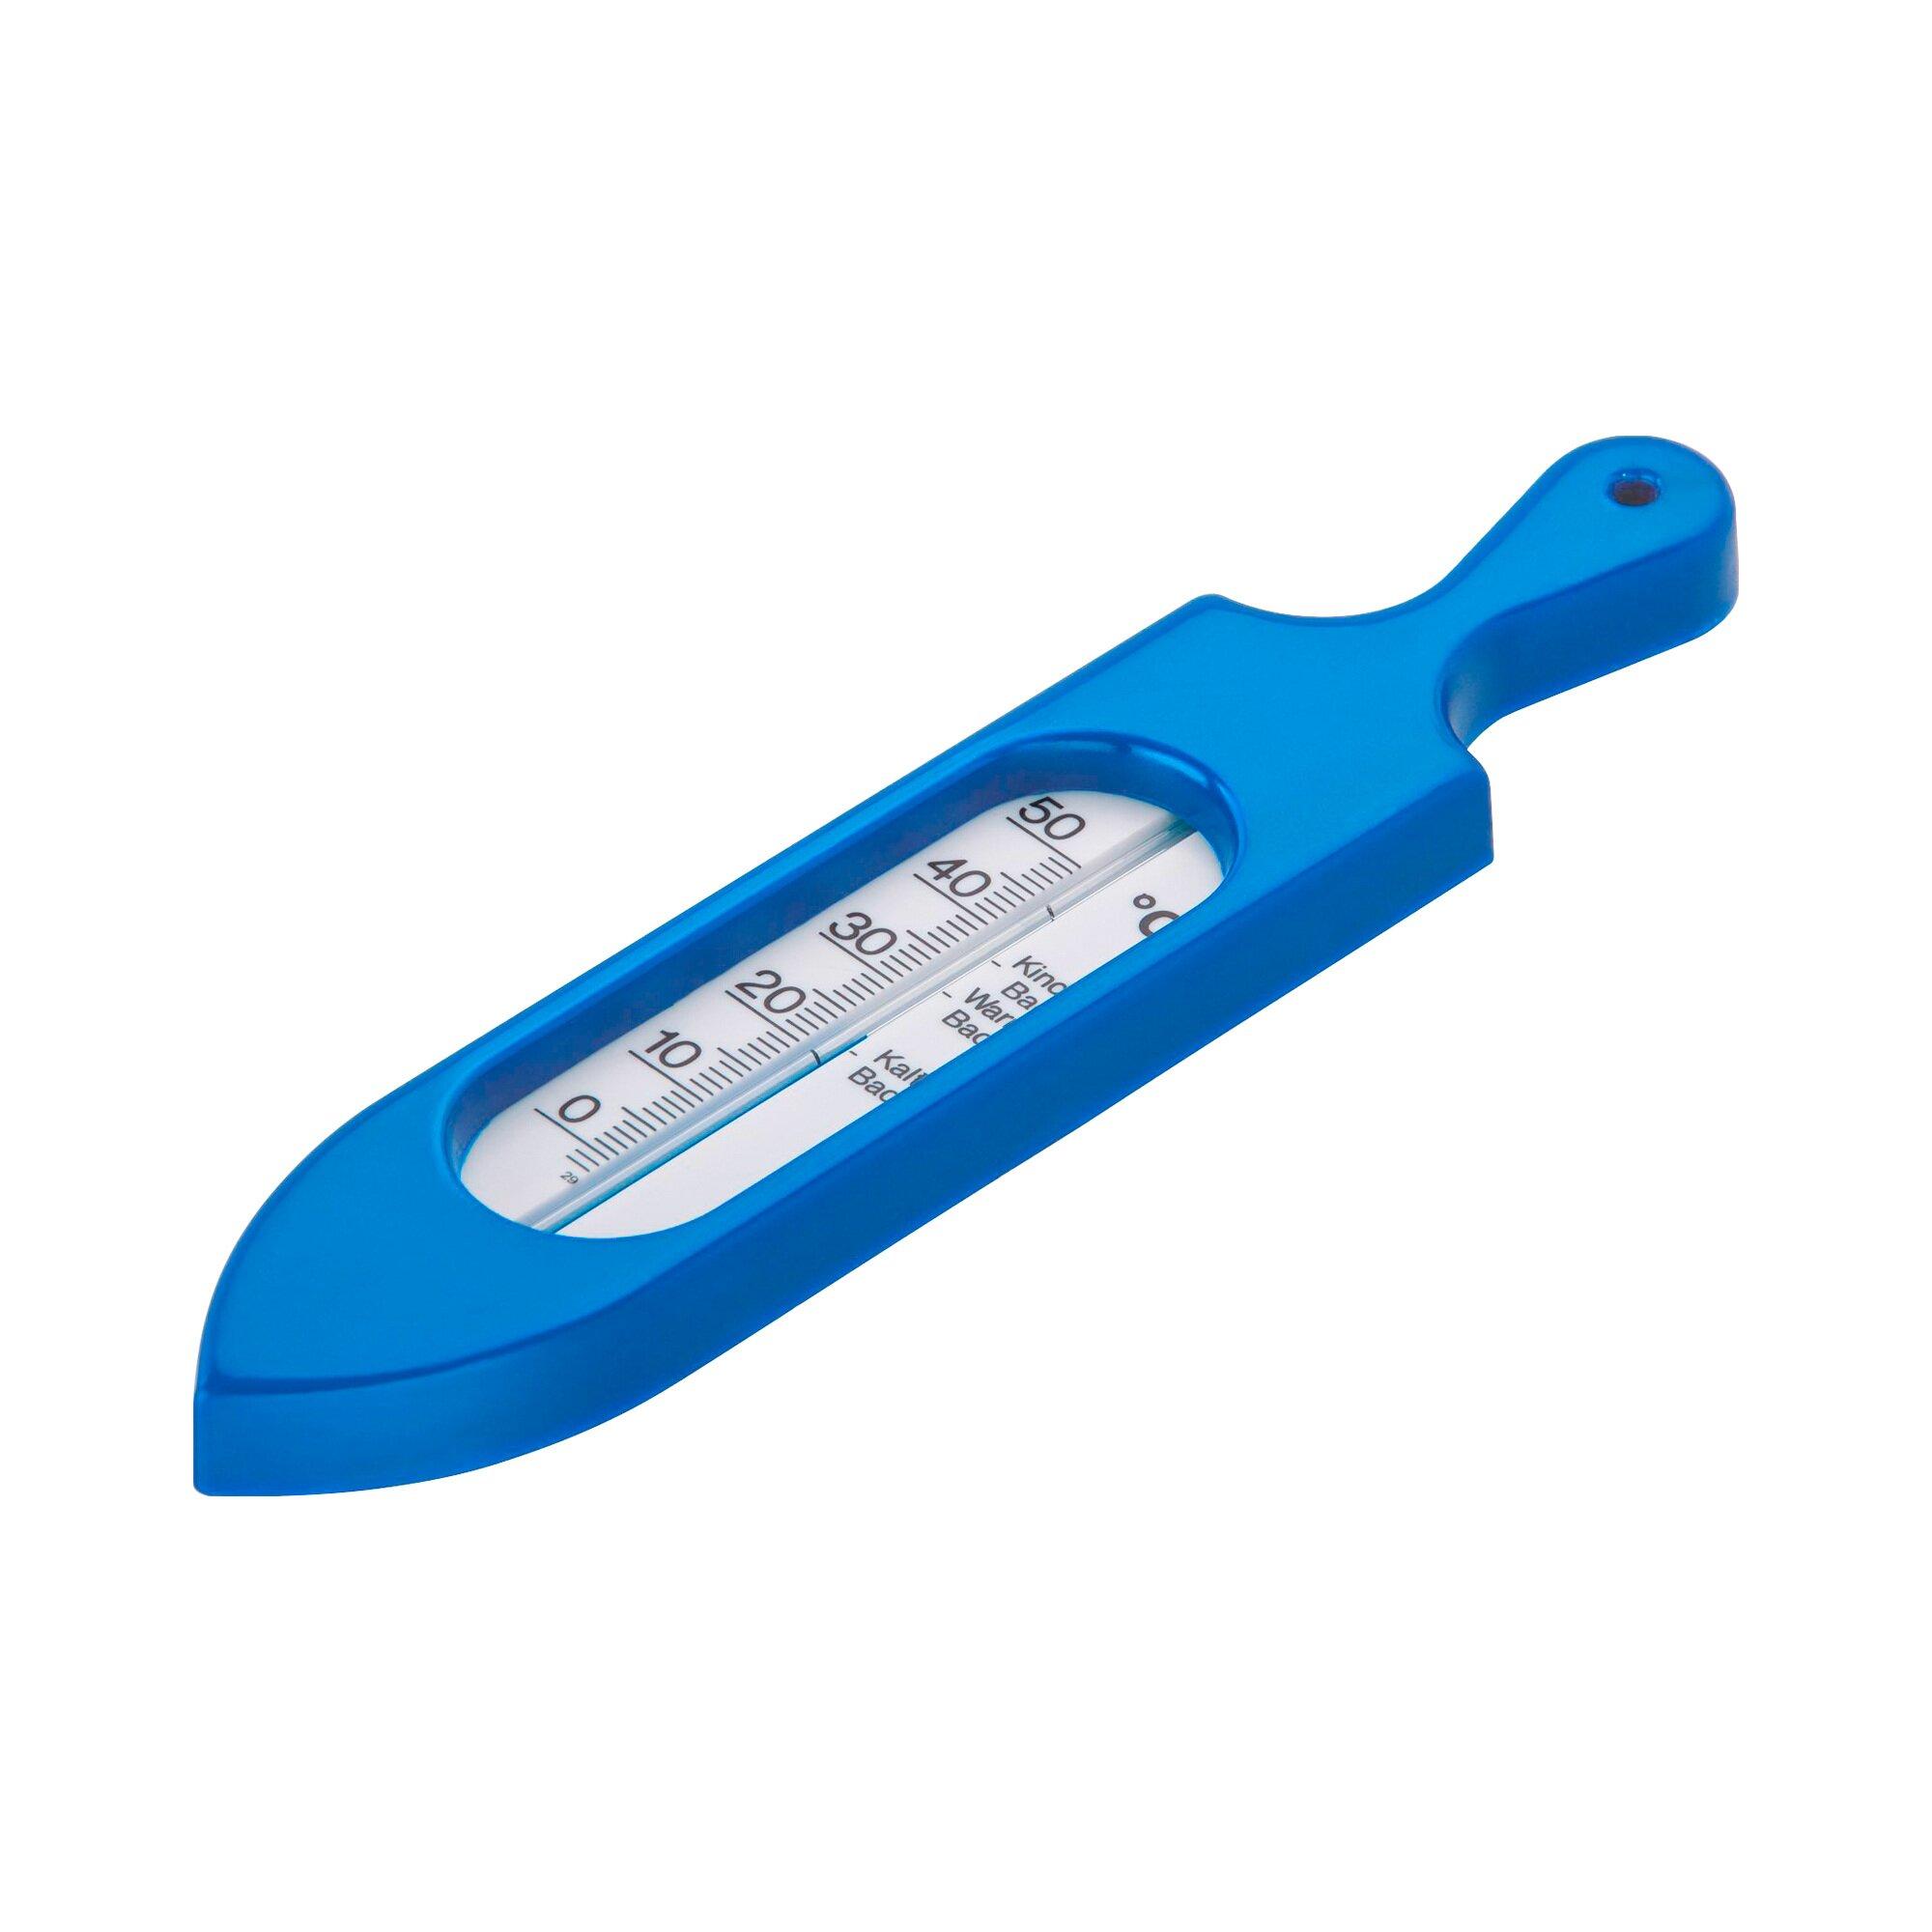 Rotho Babydesign Badethermometer